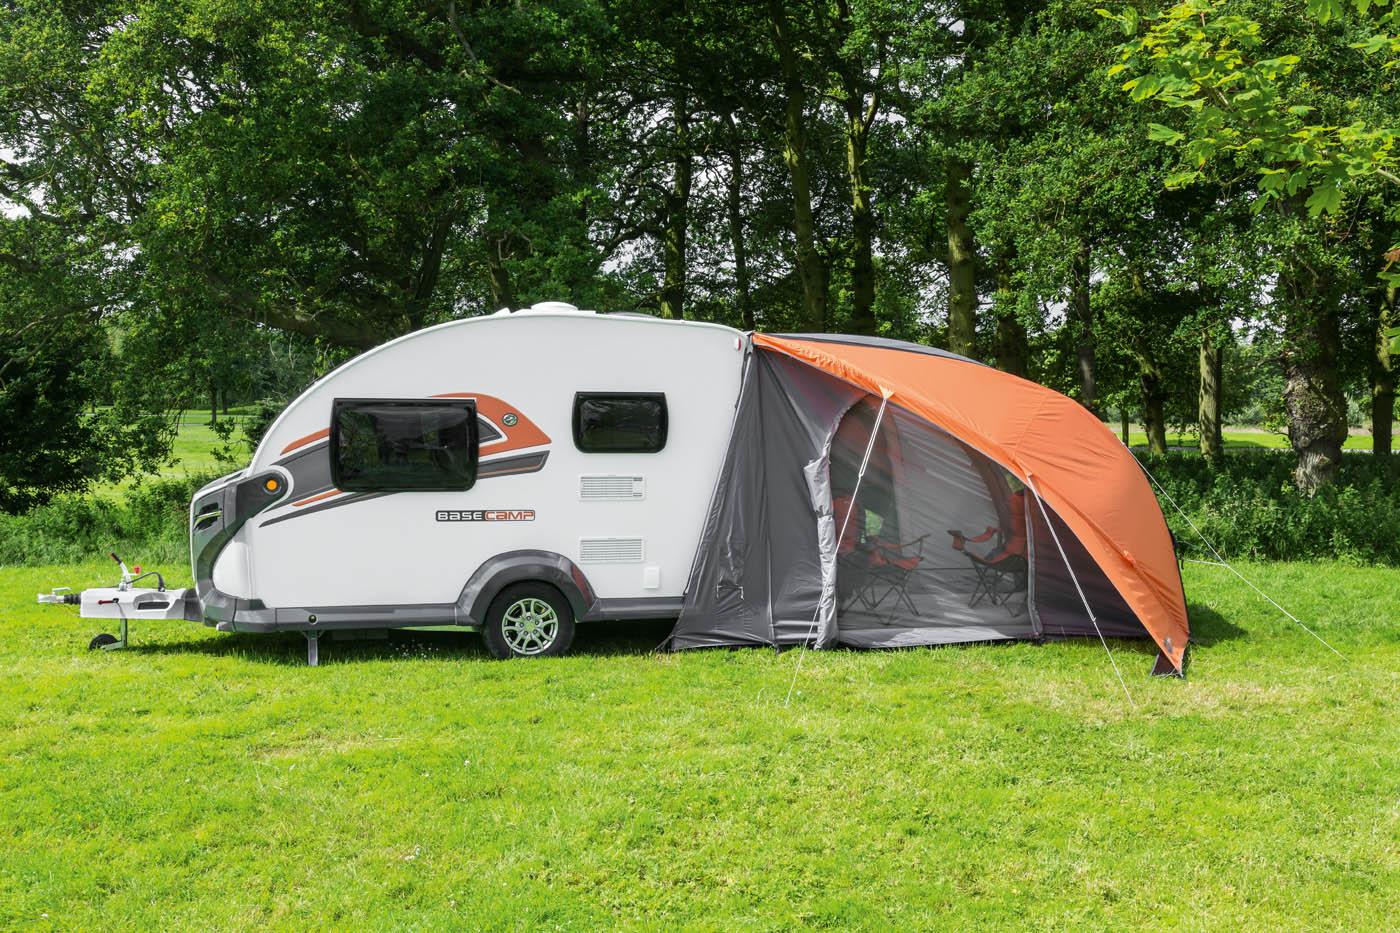 Swift Basecamp - Ryedale Leisure & Caravan Ltd